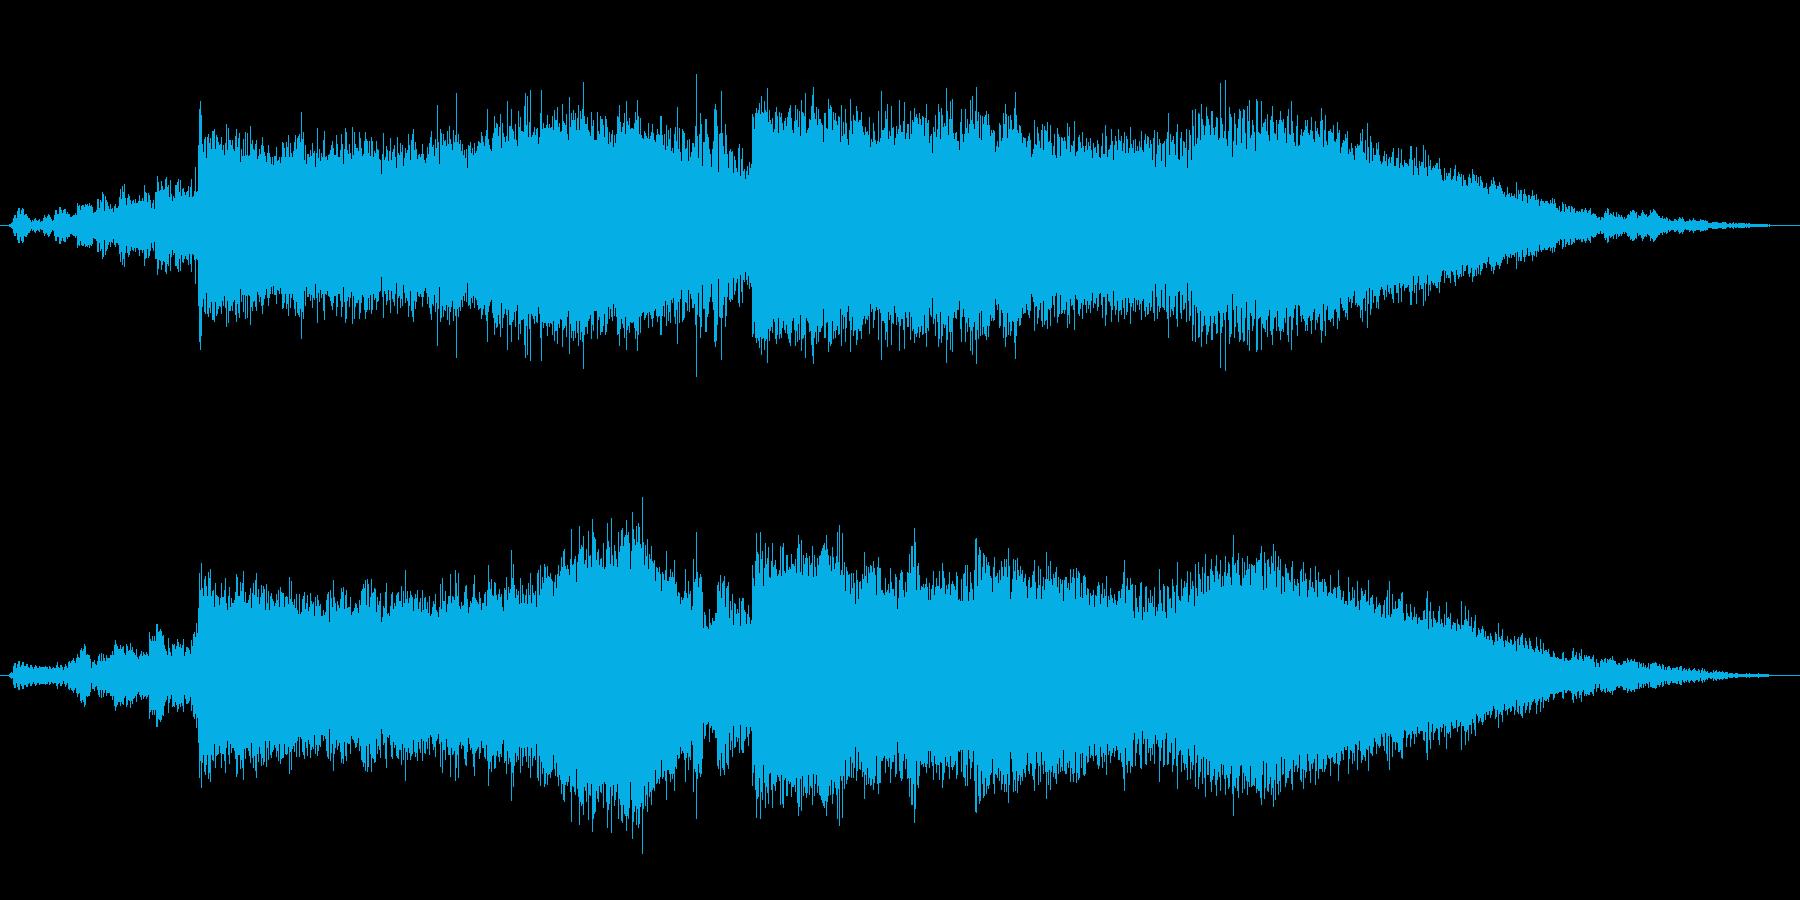 召喚魔法のようなSE の再生済みの波形